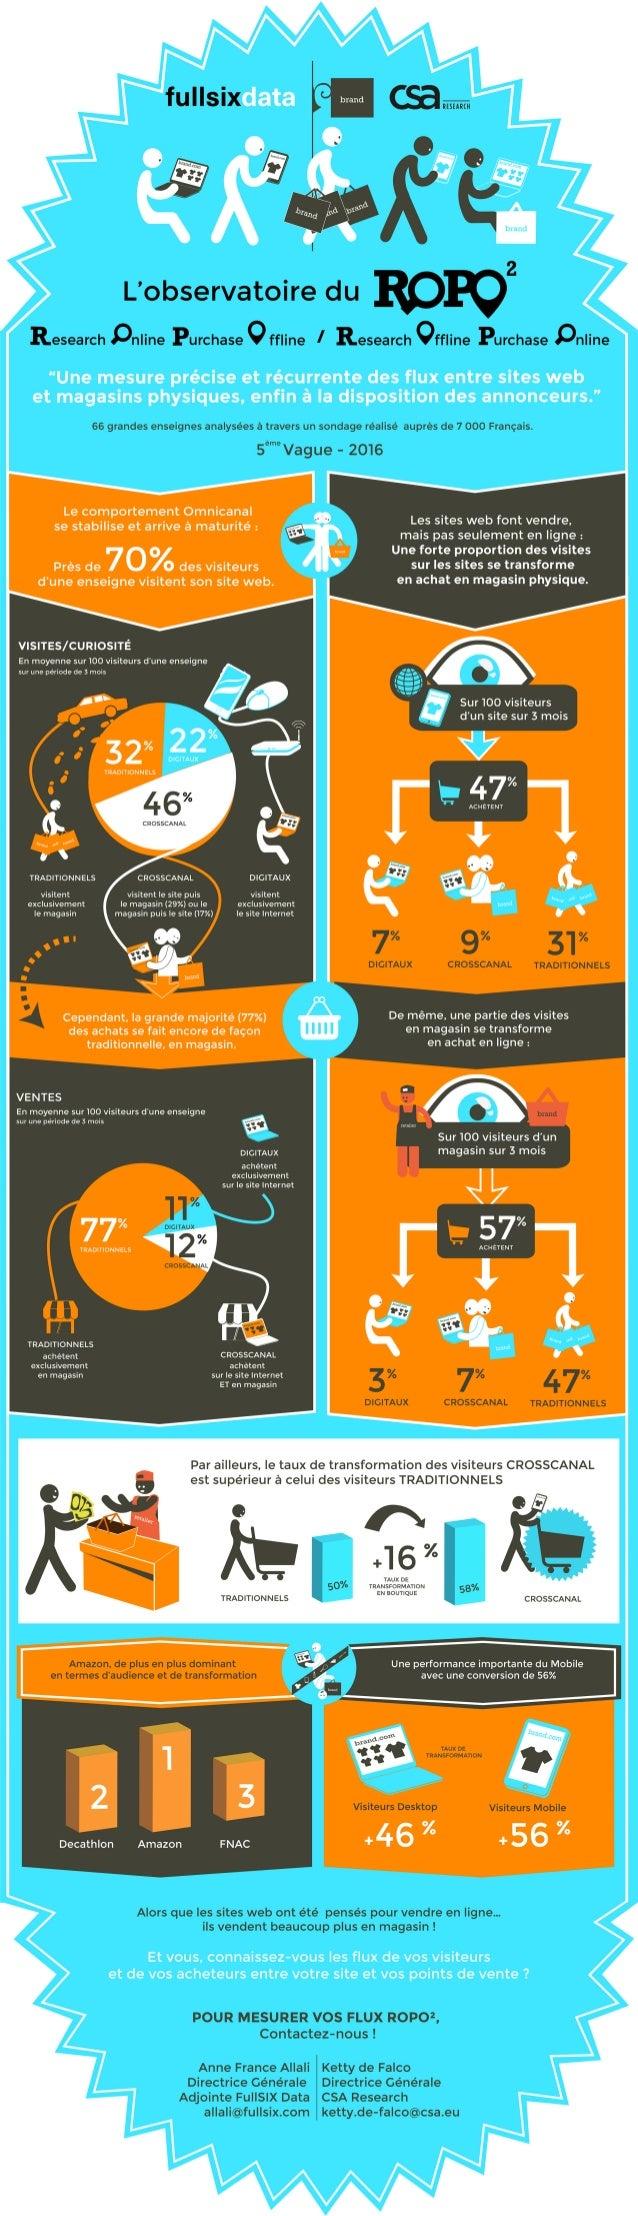 Infographie 5ème vague de l'Observatoire du Ropo² - Fullsix Data / CSA Research